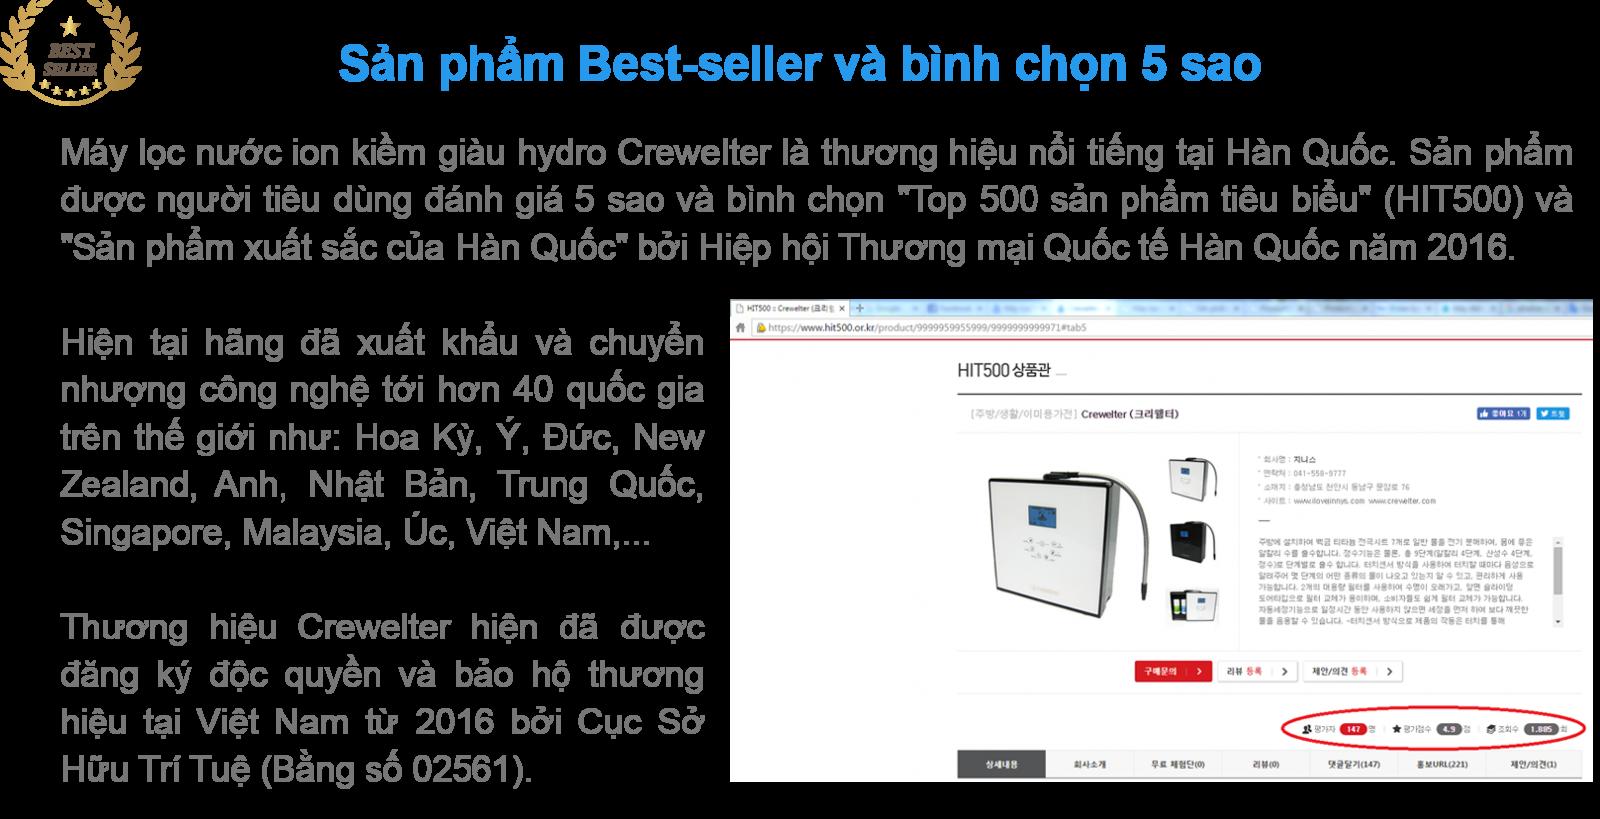 Máy lọc nước ion kiềm giàu hydro Crewelter 9 là sản phẩm best-seller